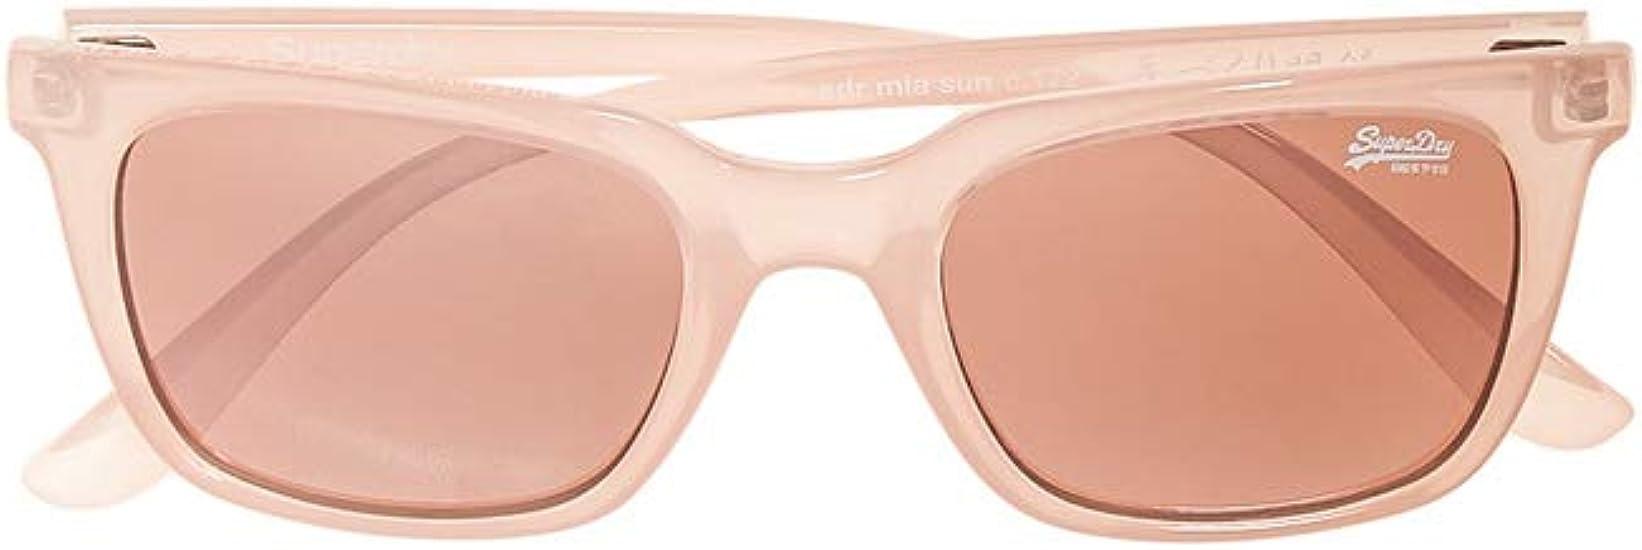 lunette de soleil superdry femme amazon